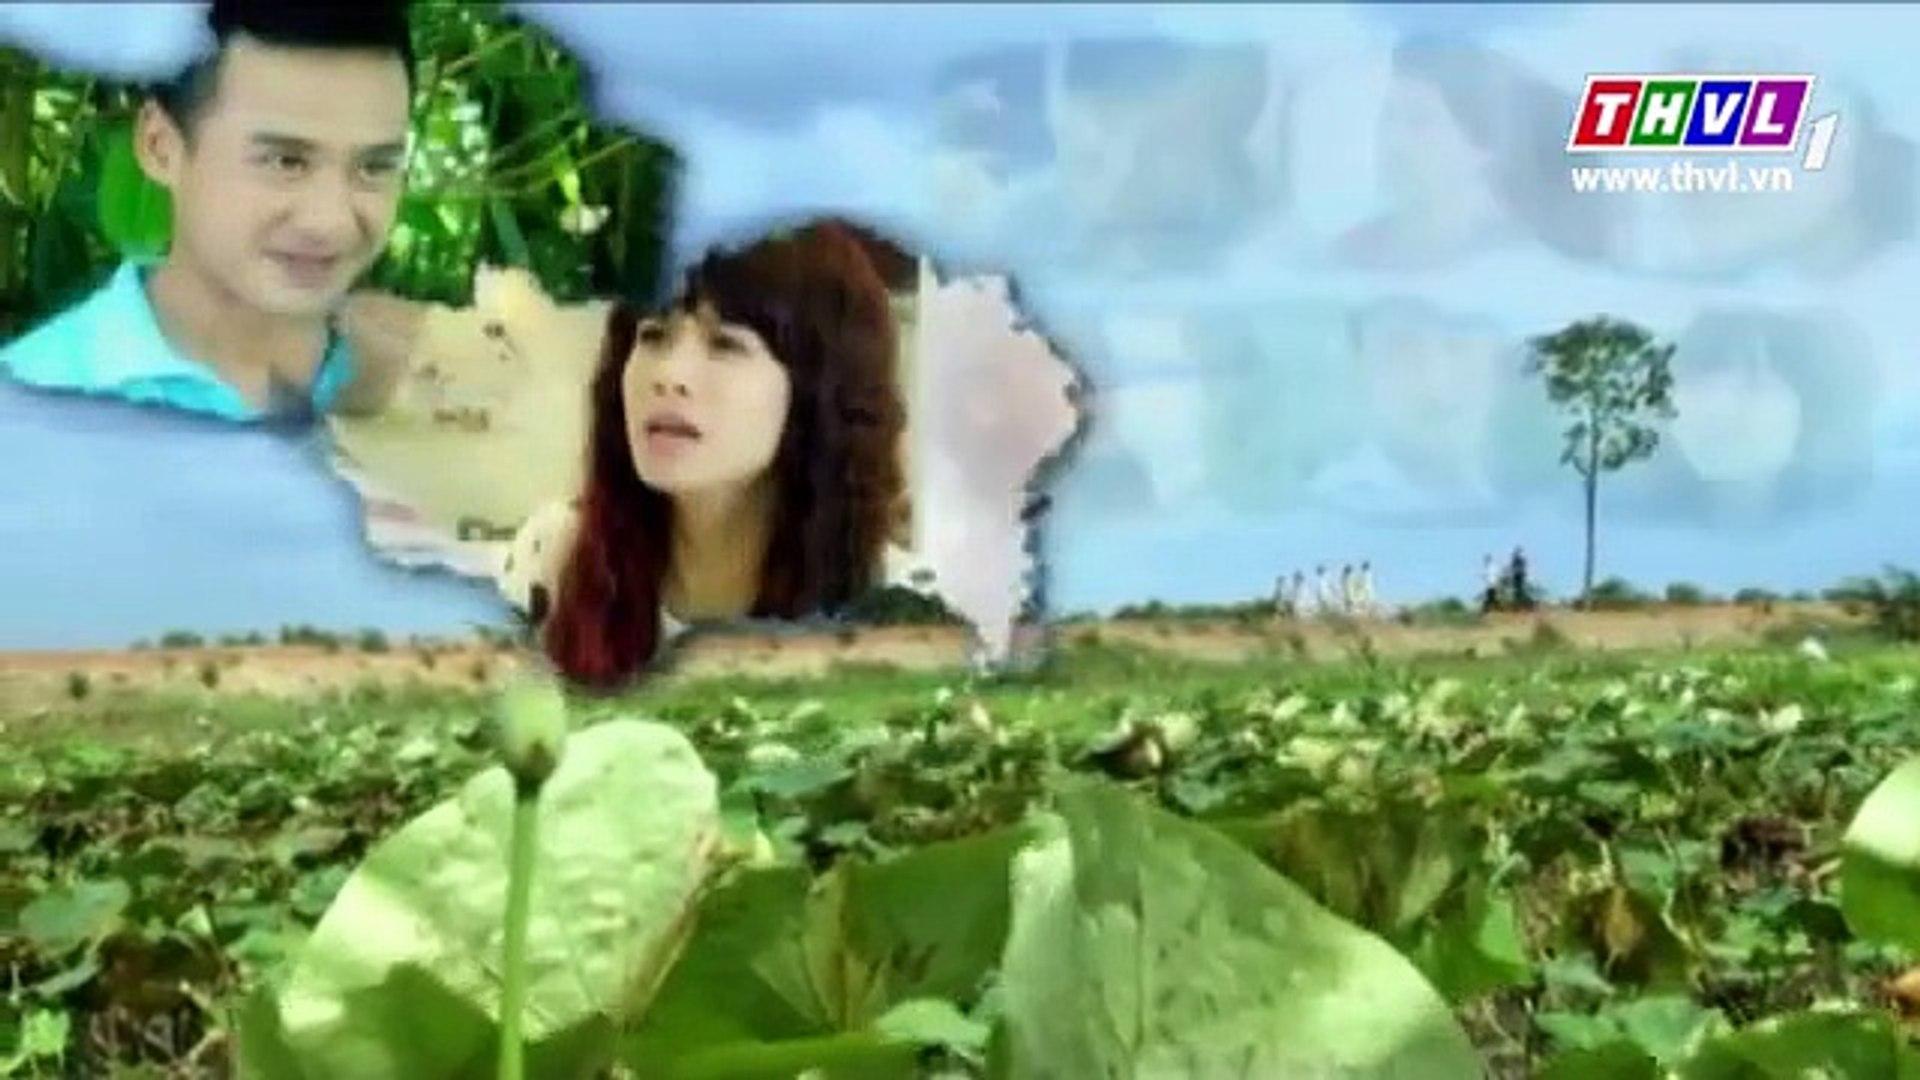 Xem phim Giọt Lệ Bên Sông-THVL Tập 1 - Server Vip